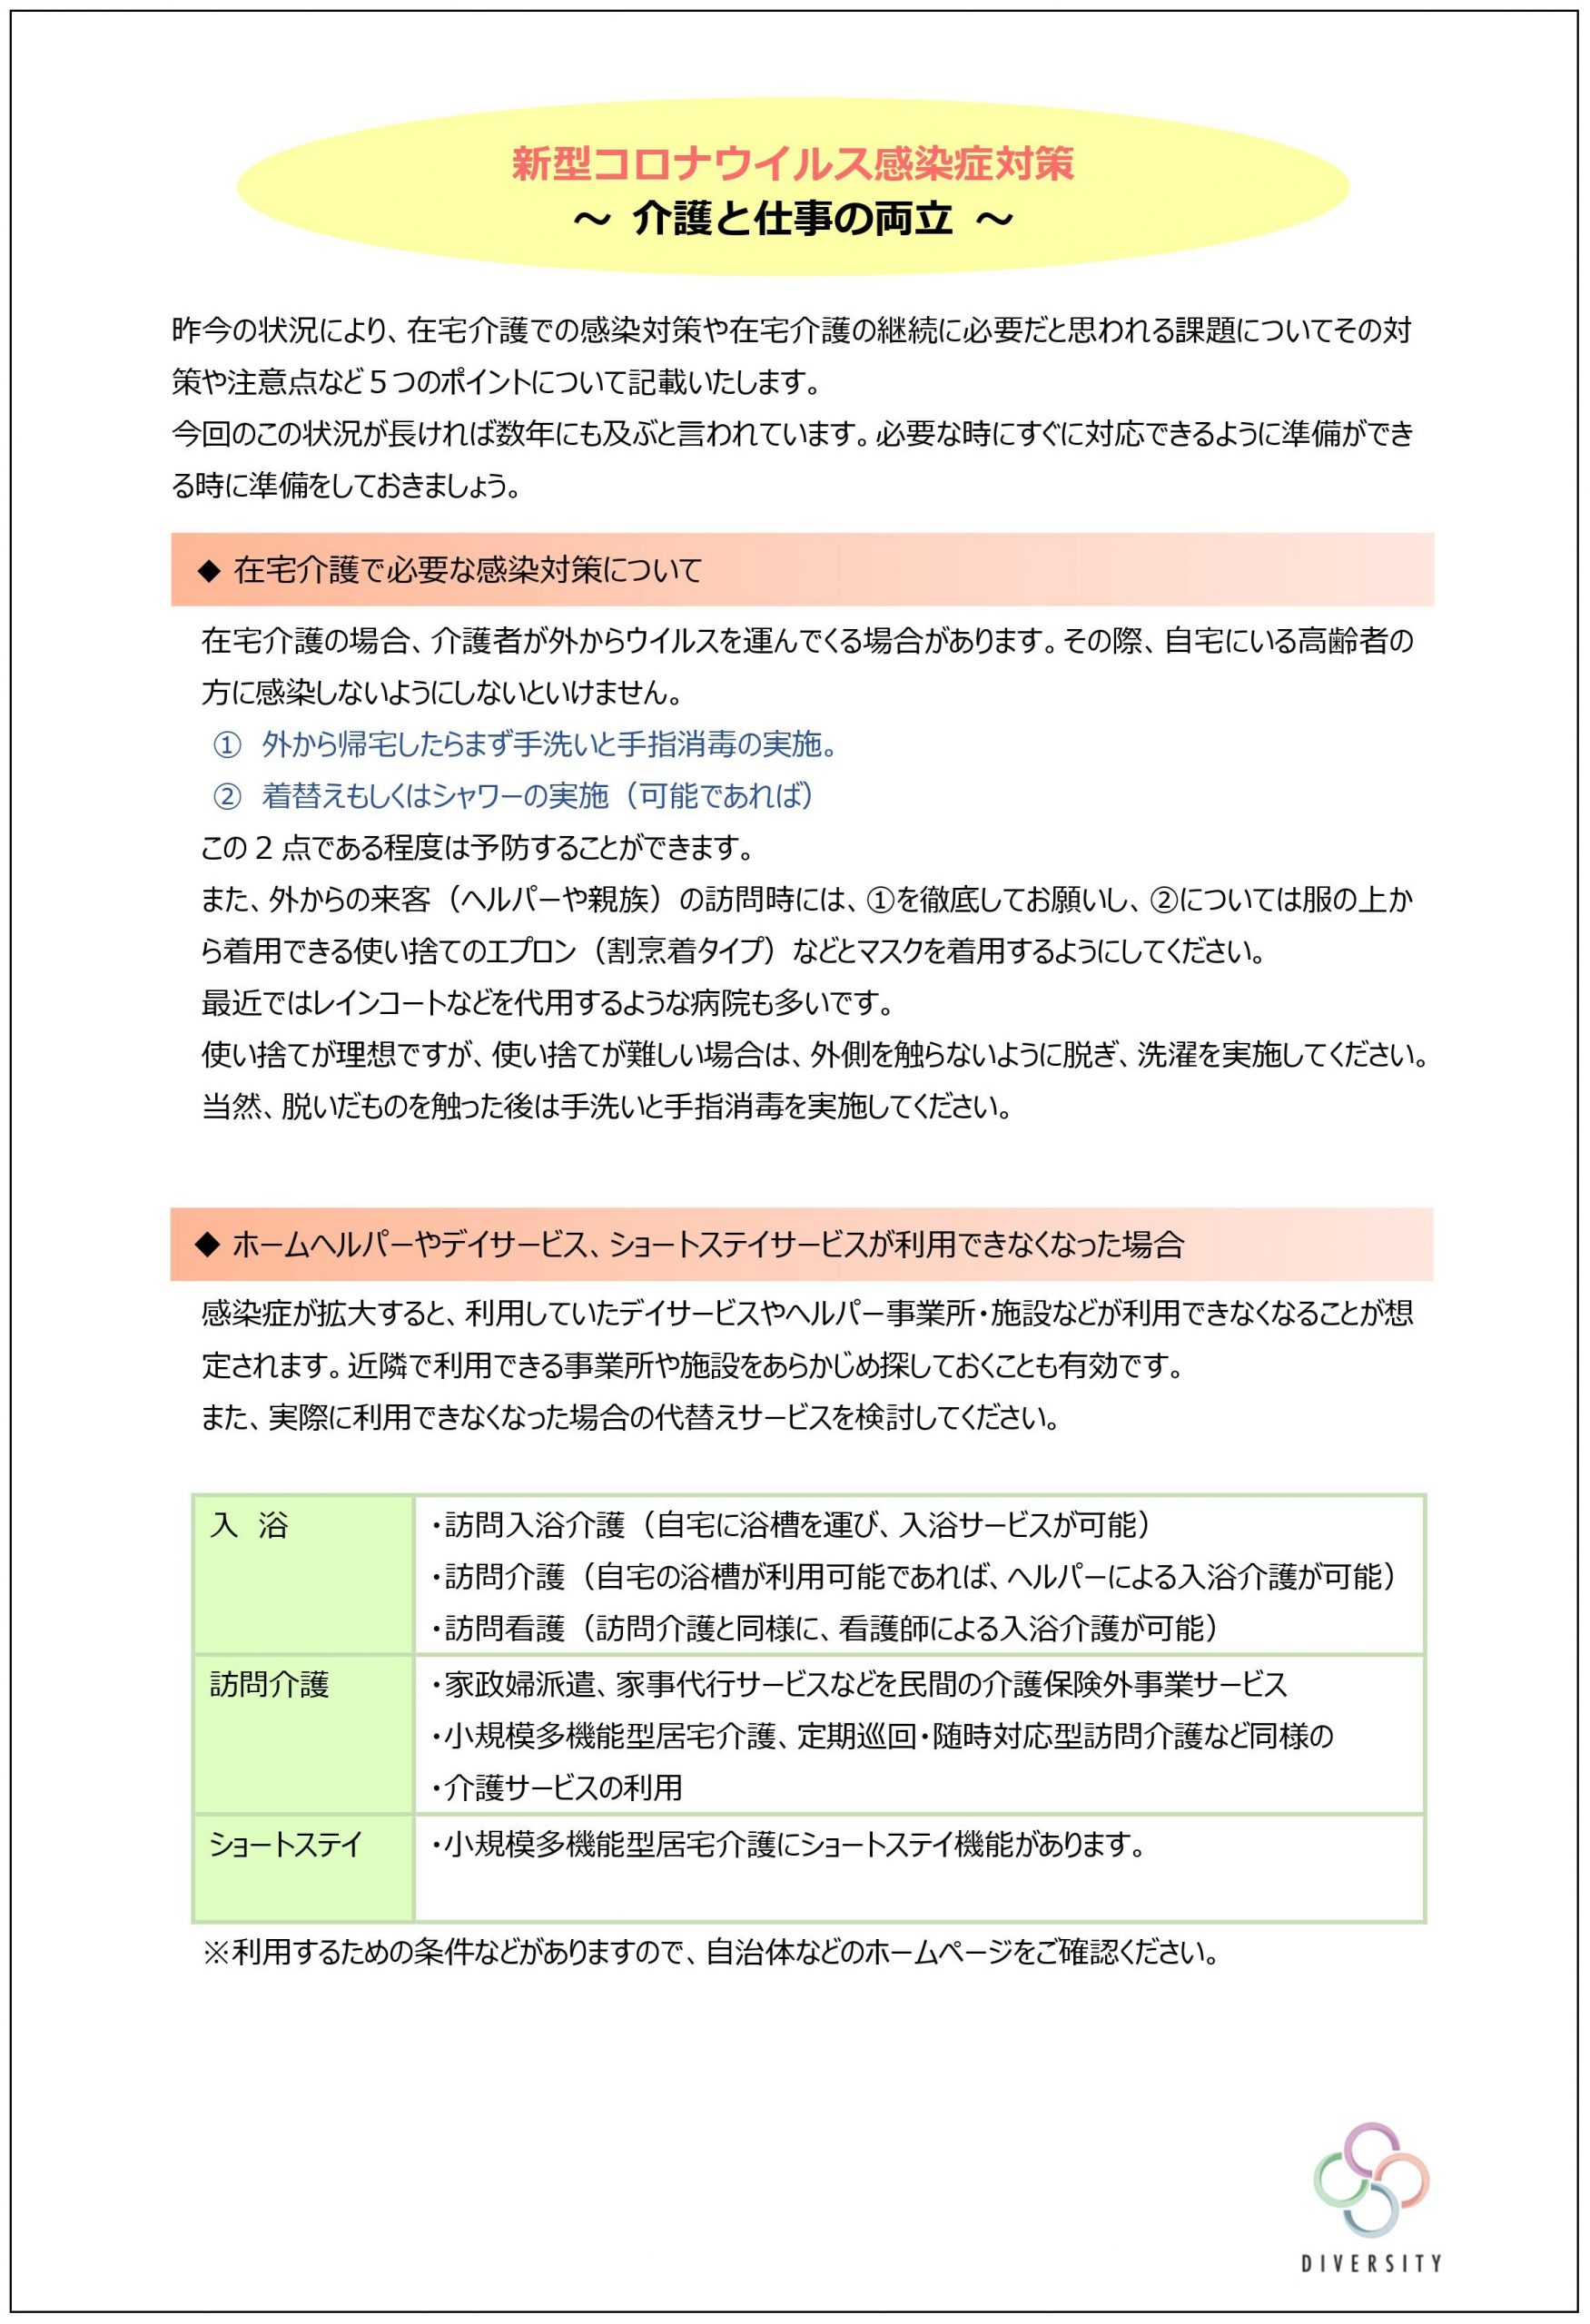 「新型コロナウイルス感染症対策~介護と仕事の両立~」